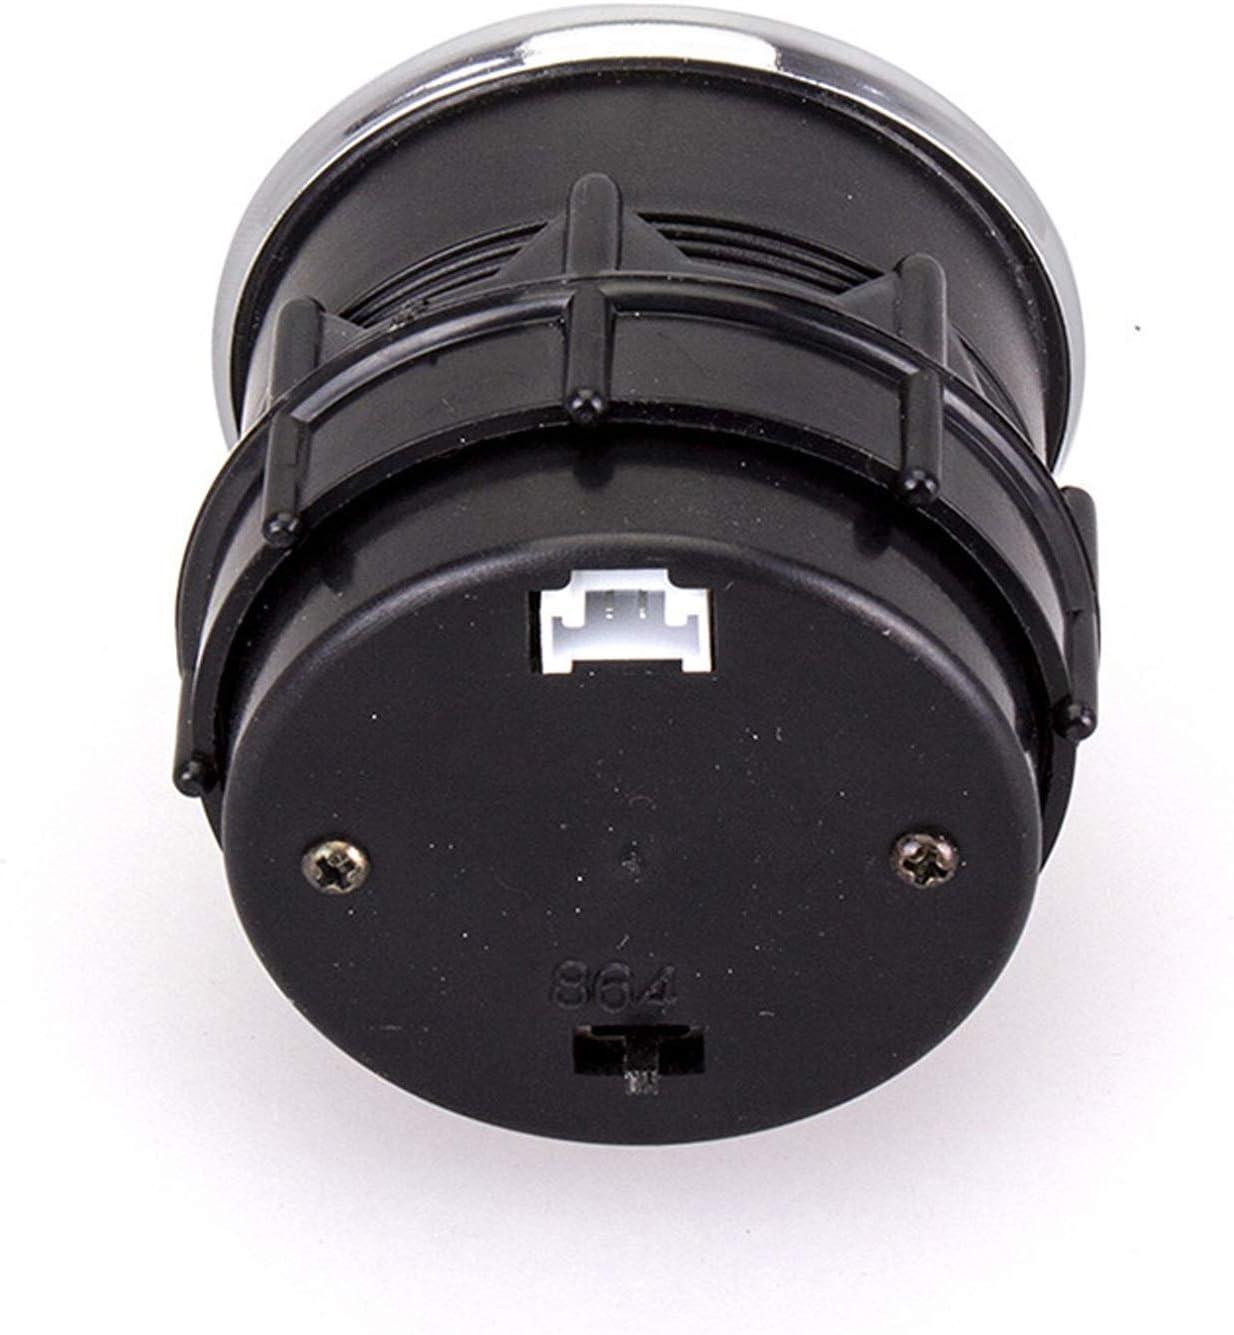 modifizierten Autos Schiffe HYY-YY Instrumententafel 52mm /Öldruckanzeige 0~100 psi mit Sensor /Ölpresse-Lehre Auto-Messinstrument for Motoren